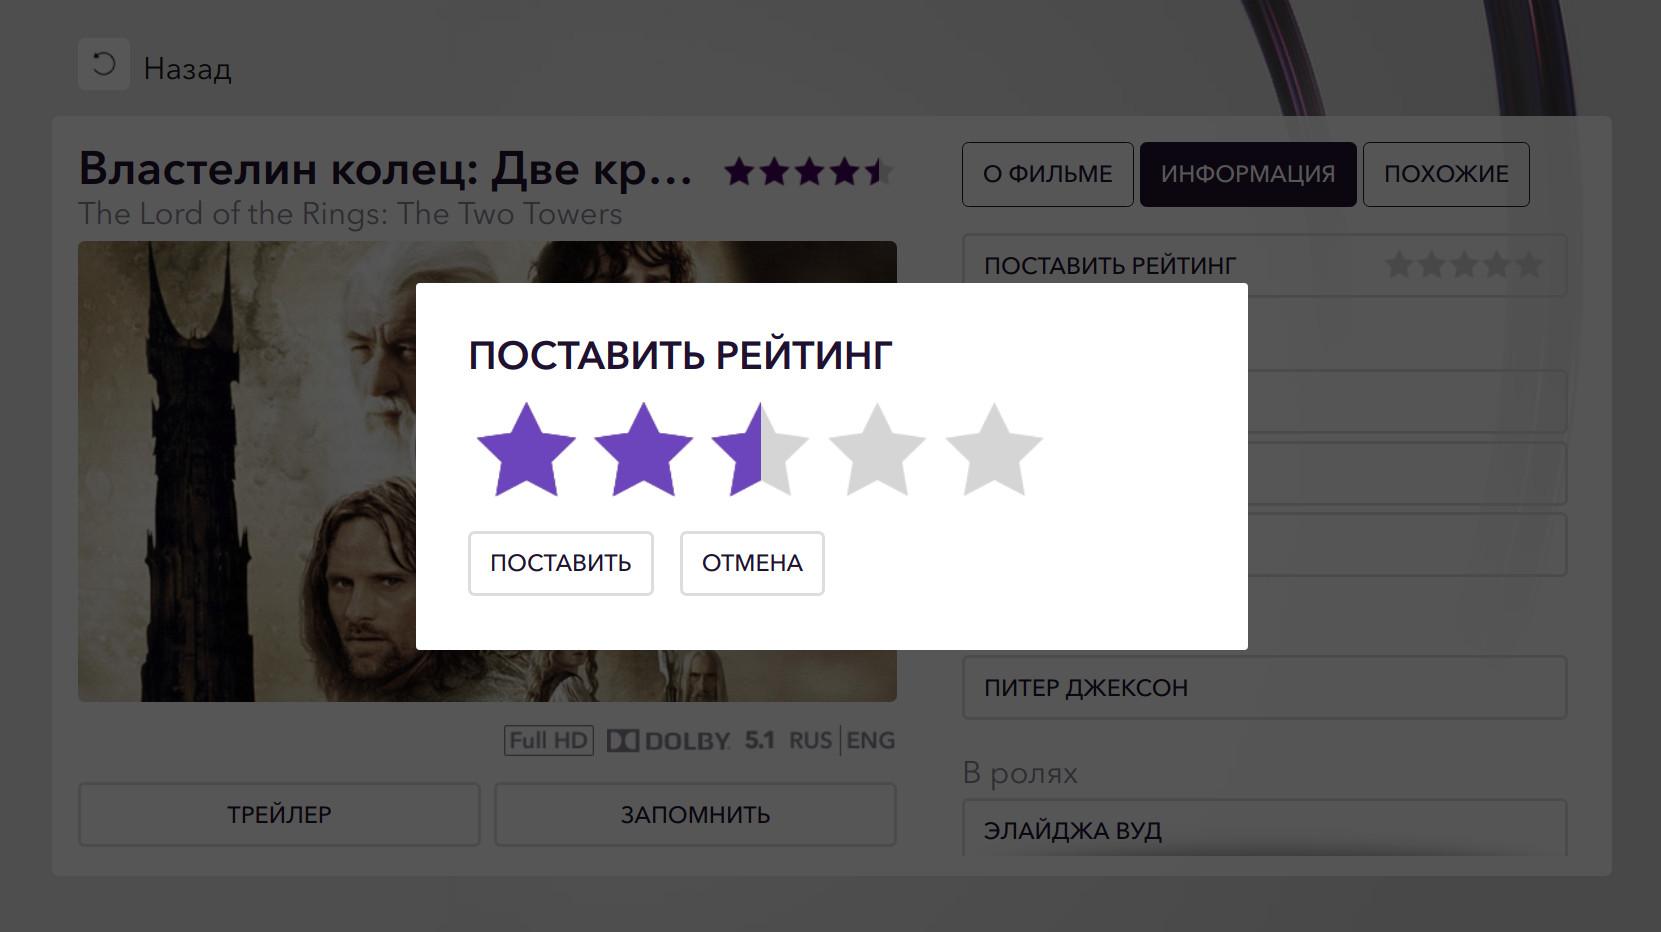 Интерфейс постановки рейтинга